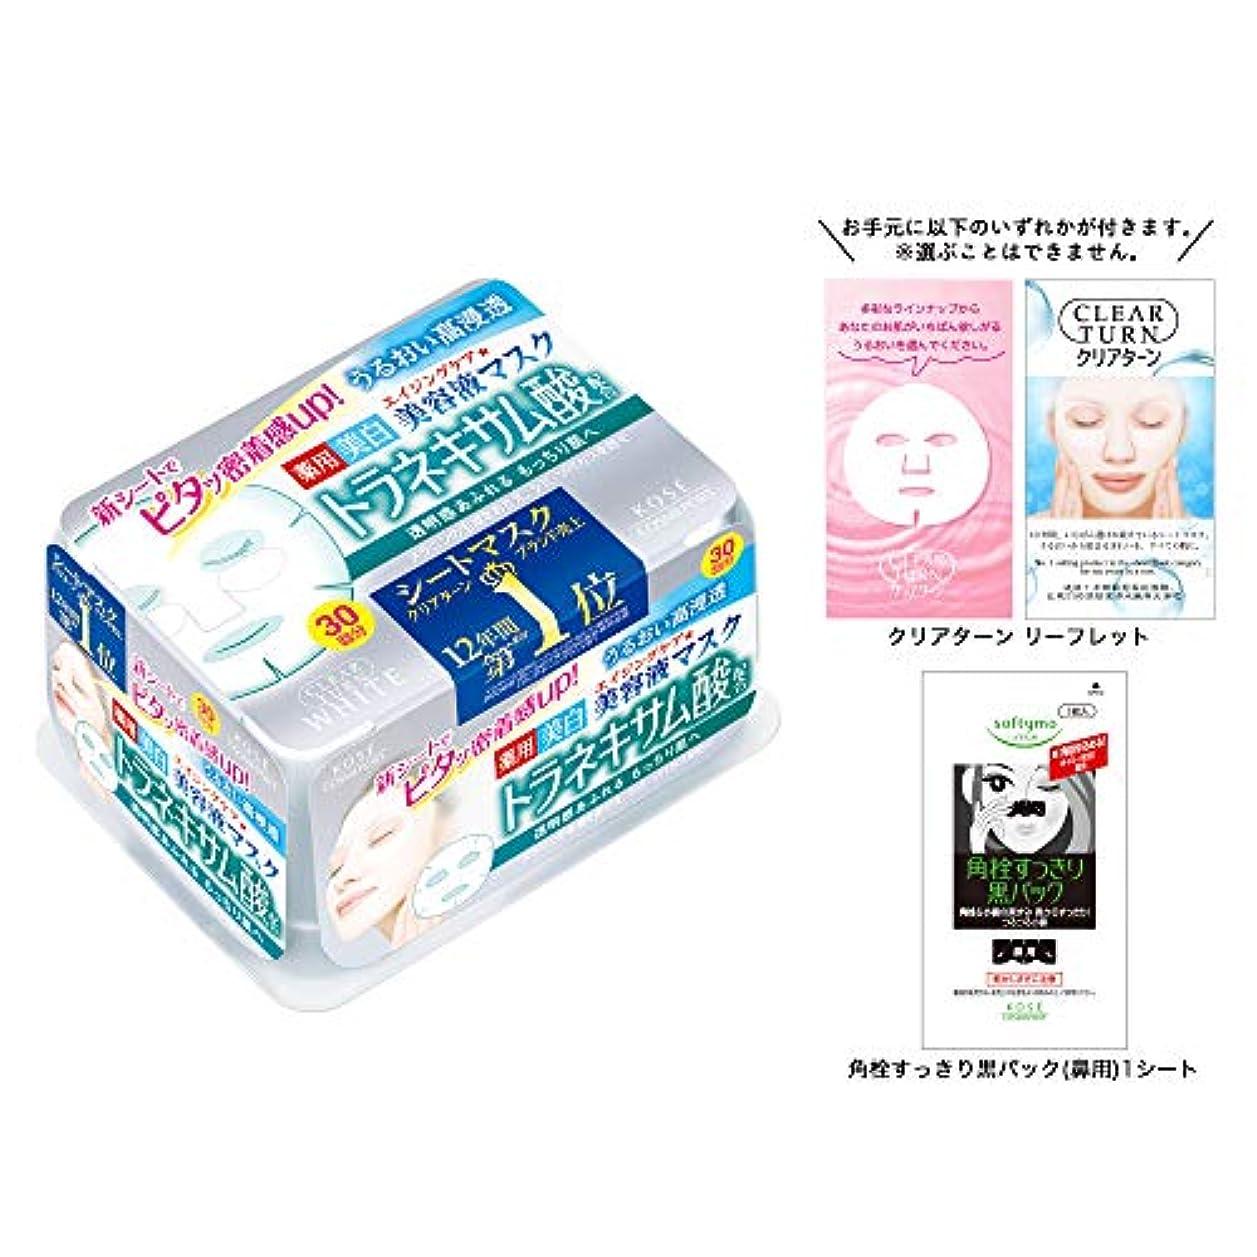 空中干渉する賛美歌【Amazon.co.jp限定】KOSE コーセー クリアターン エッセンス マスク (トラネキサム酸) 30枚 おまけ付 フェイスマスク (医薬部外品)